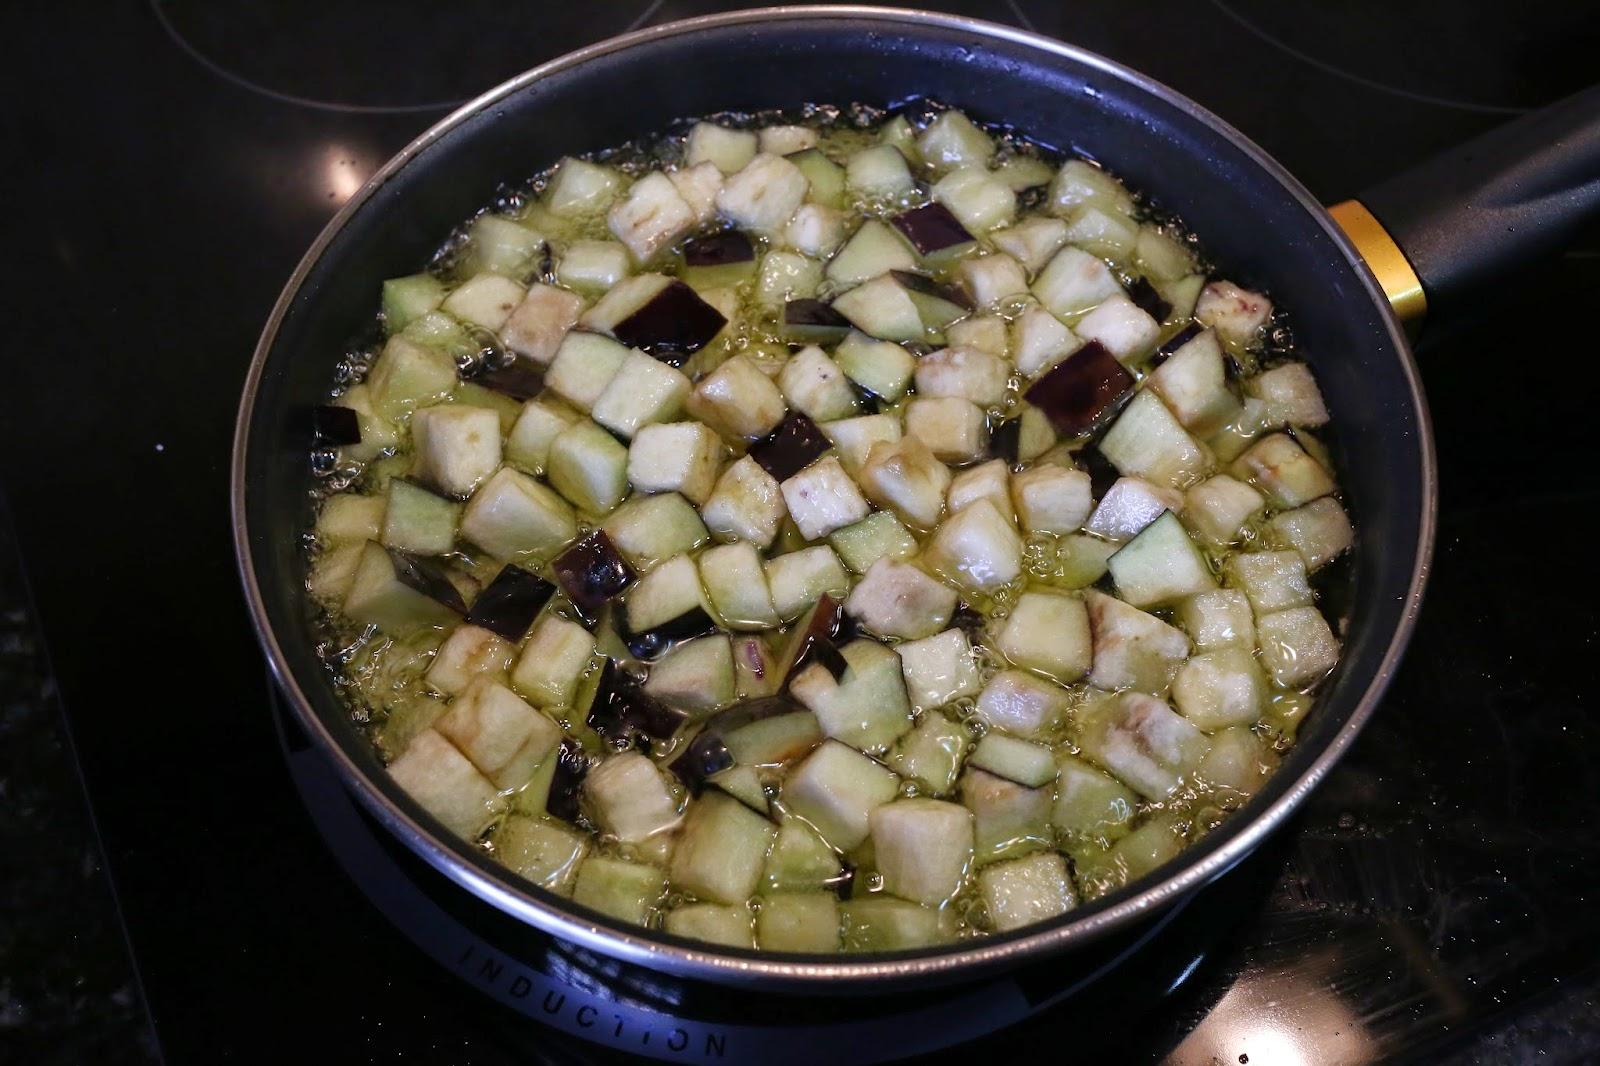 Preparación de revuelto de berenjenas y queso